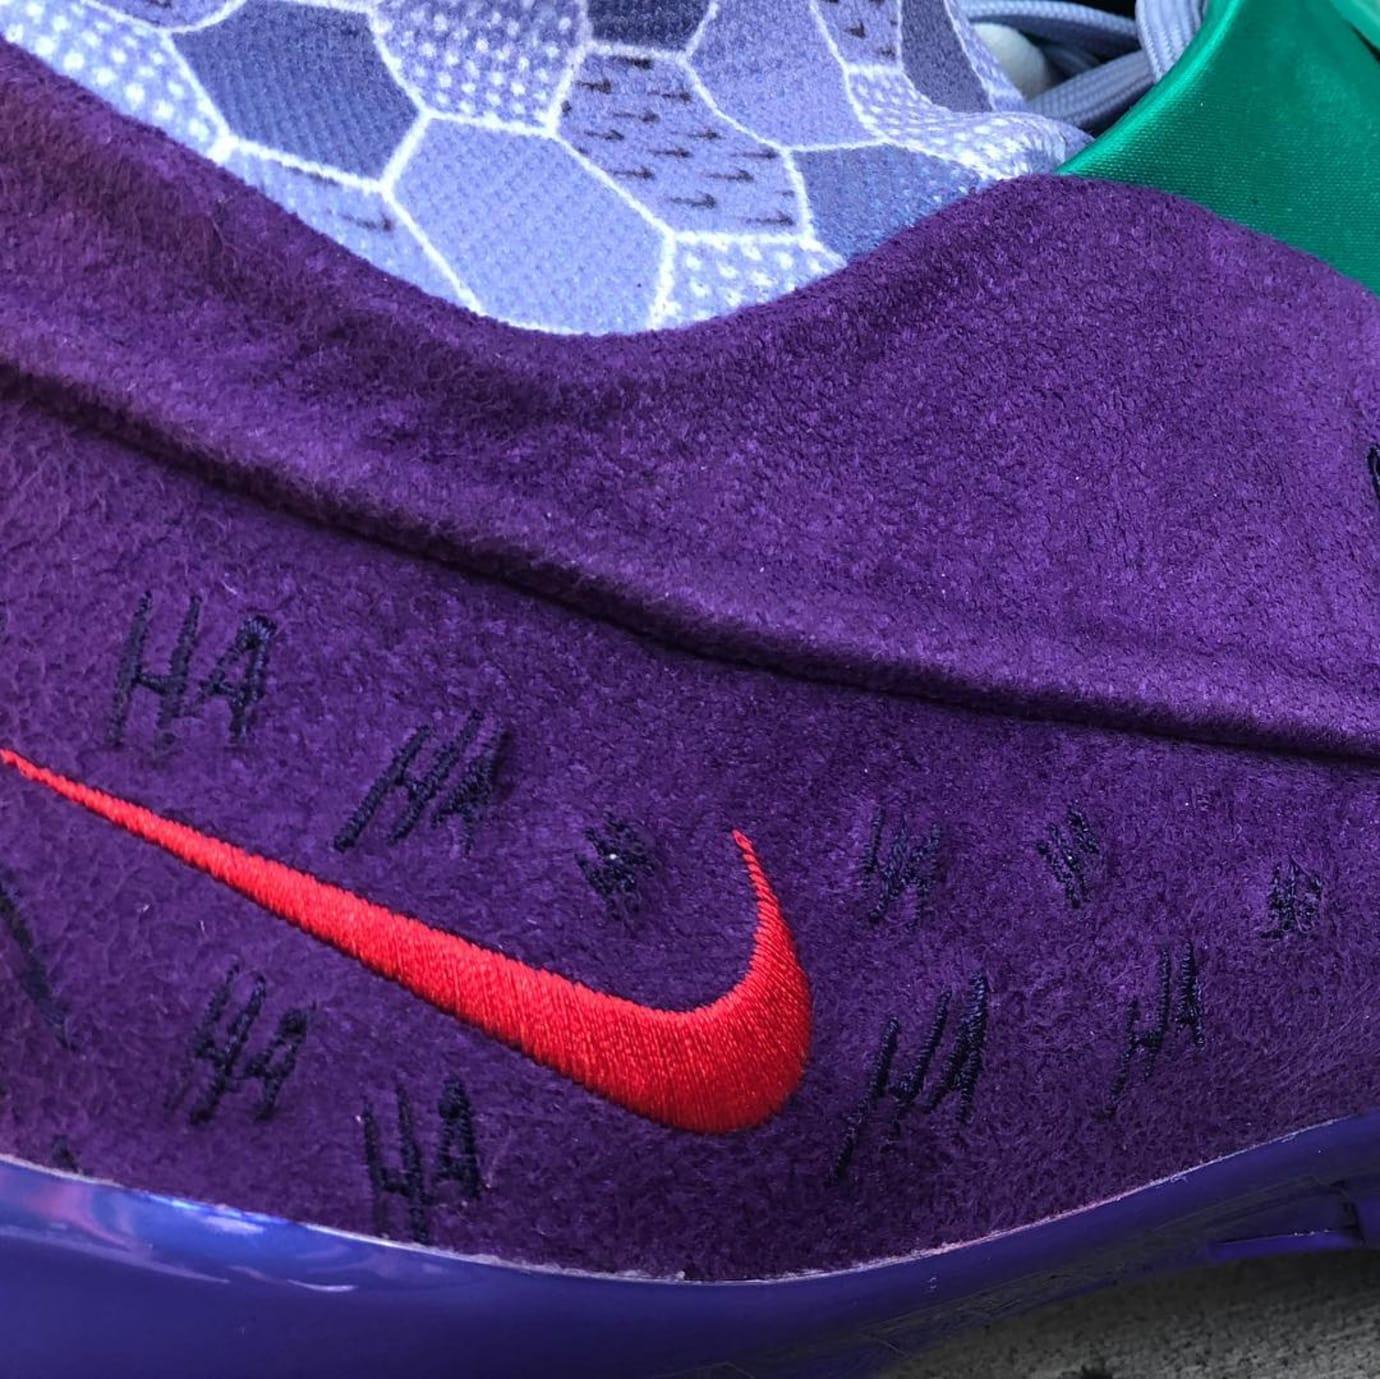 Odell Beckham Jr. Nike 'Joker' Cleats 5